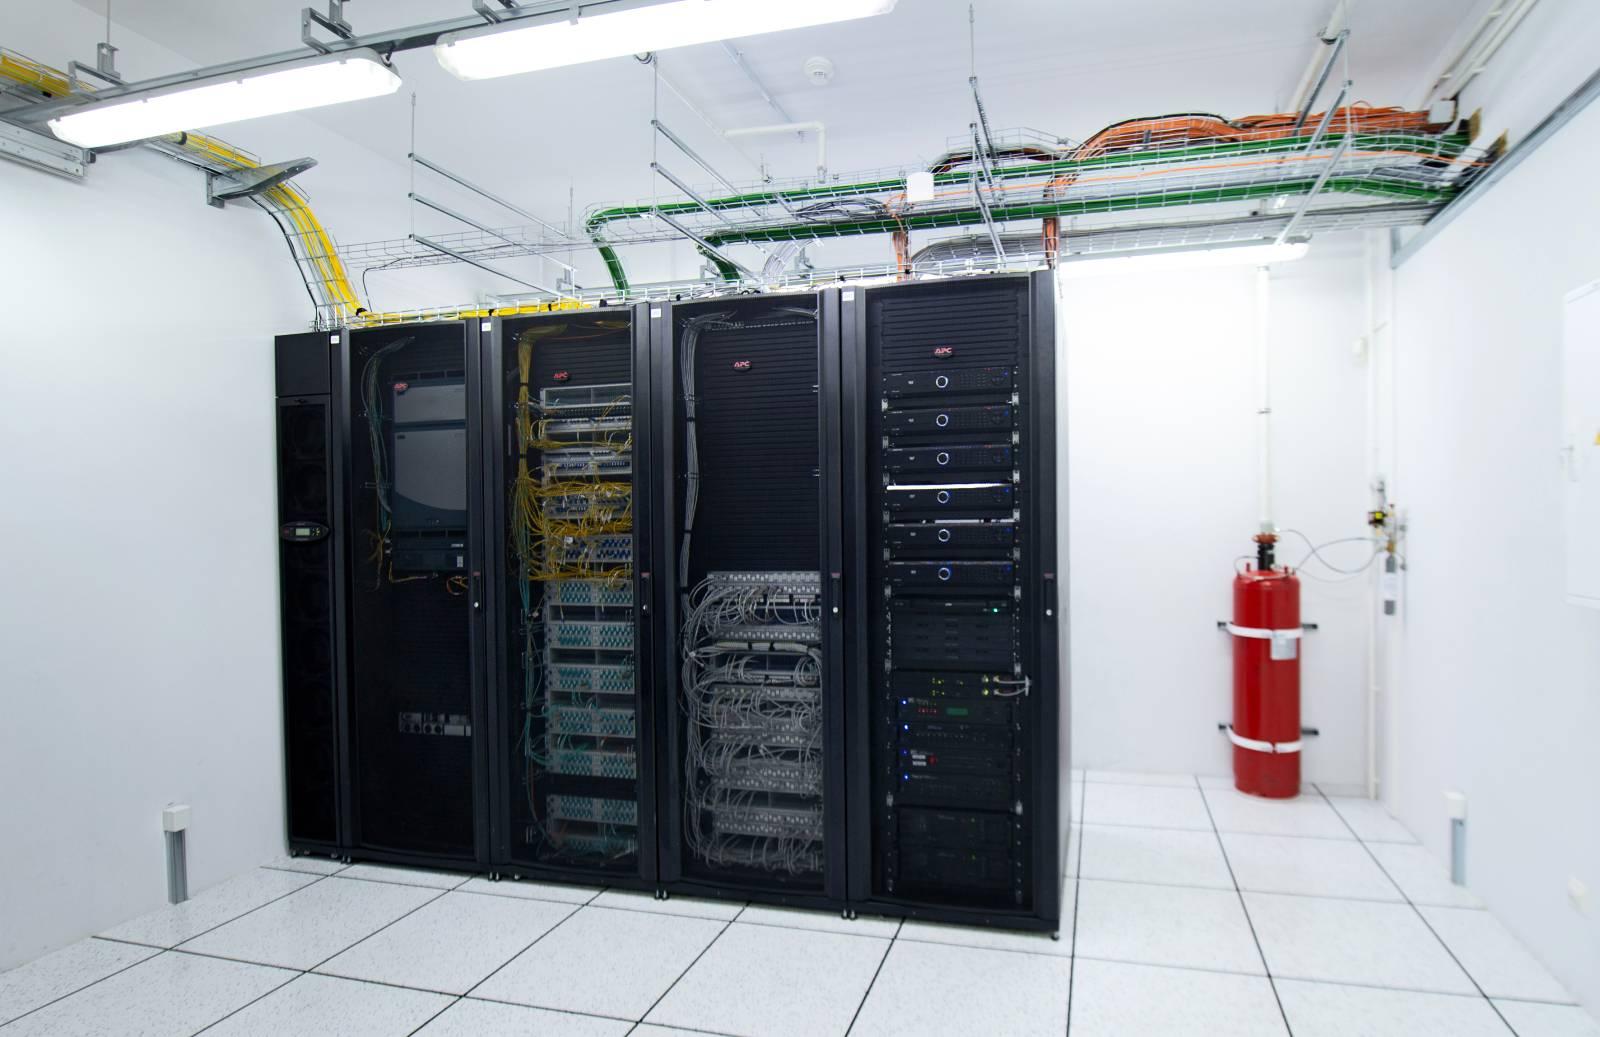 Приміщення присутності телеком операторів. Понад 480 вхідних оптичних волокон, не менше 15 операторів